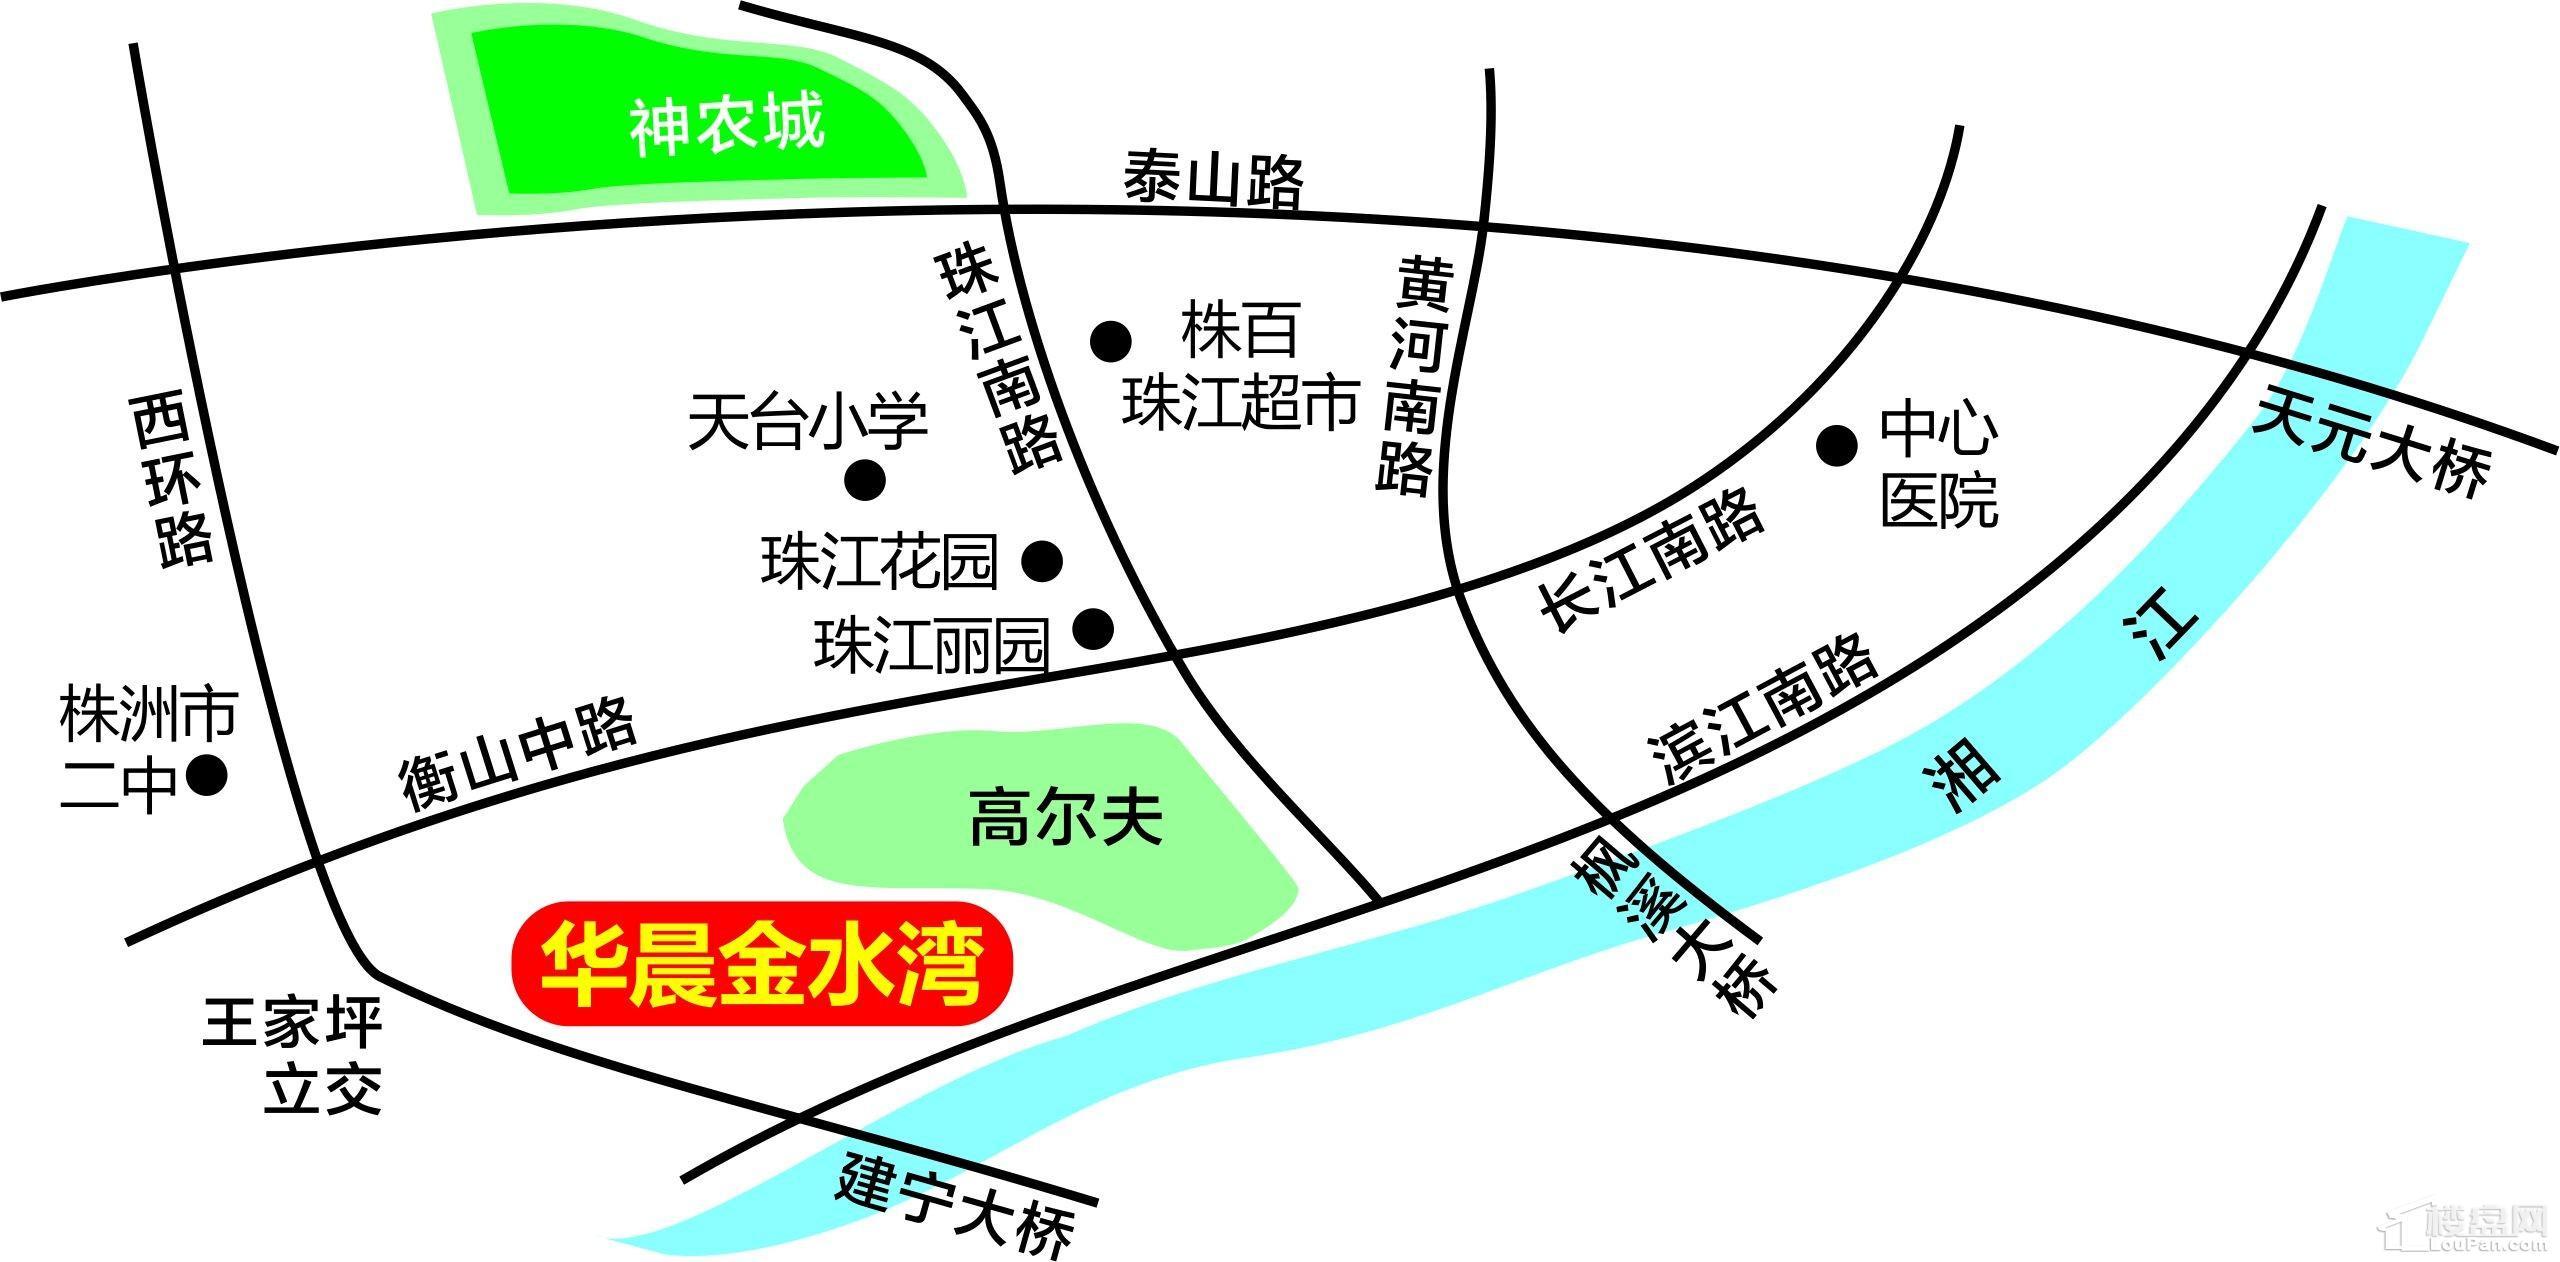 金水湾区位图